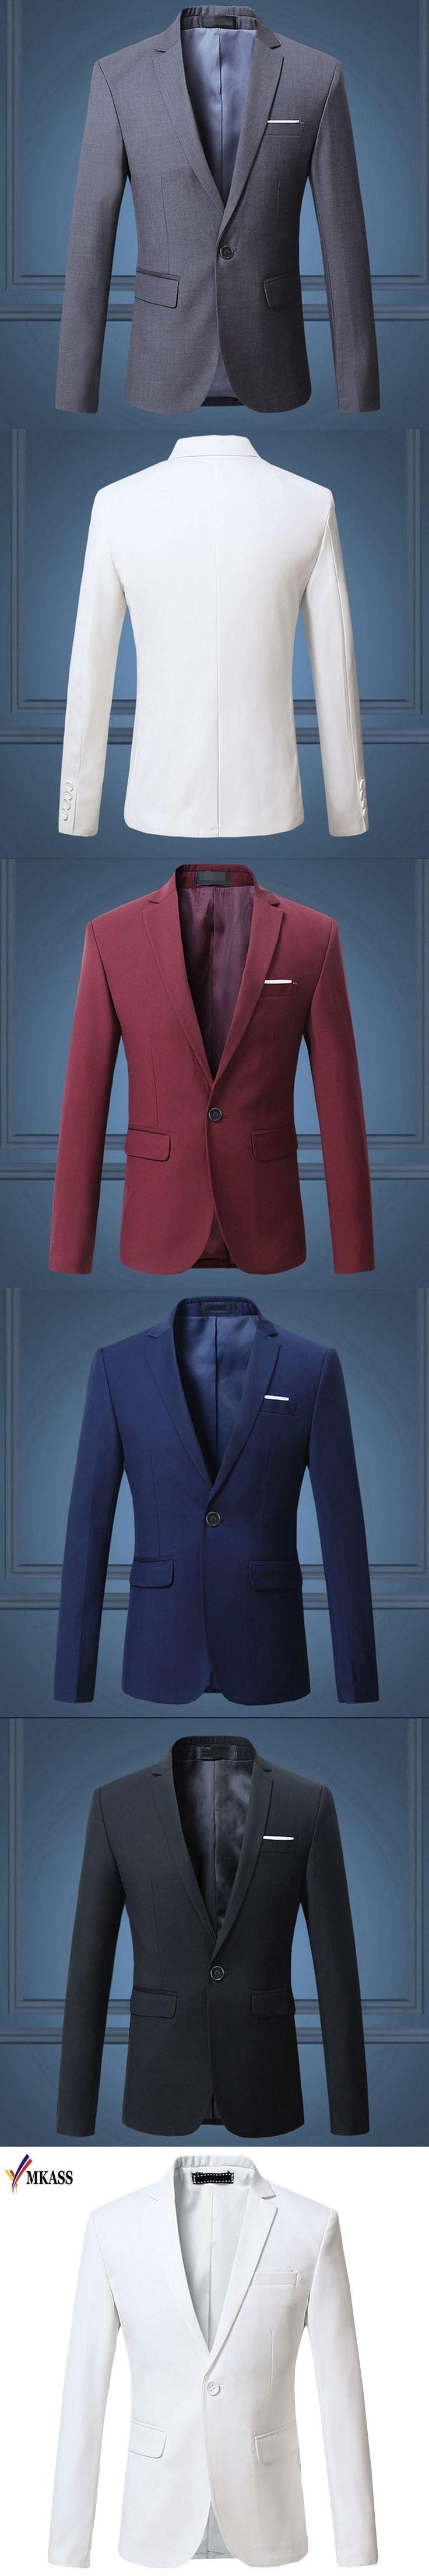 2017 New Fashion 5 Colors Mens Casual Blazer Single Button Dress Blazer Jacket Men Slim Fit Mens Suit Jacket Solid Coat Men 6XL